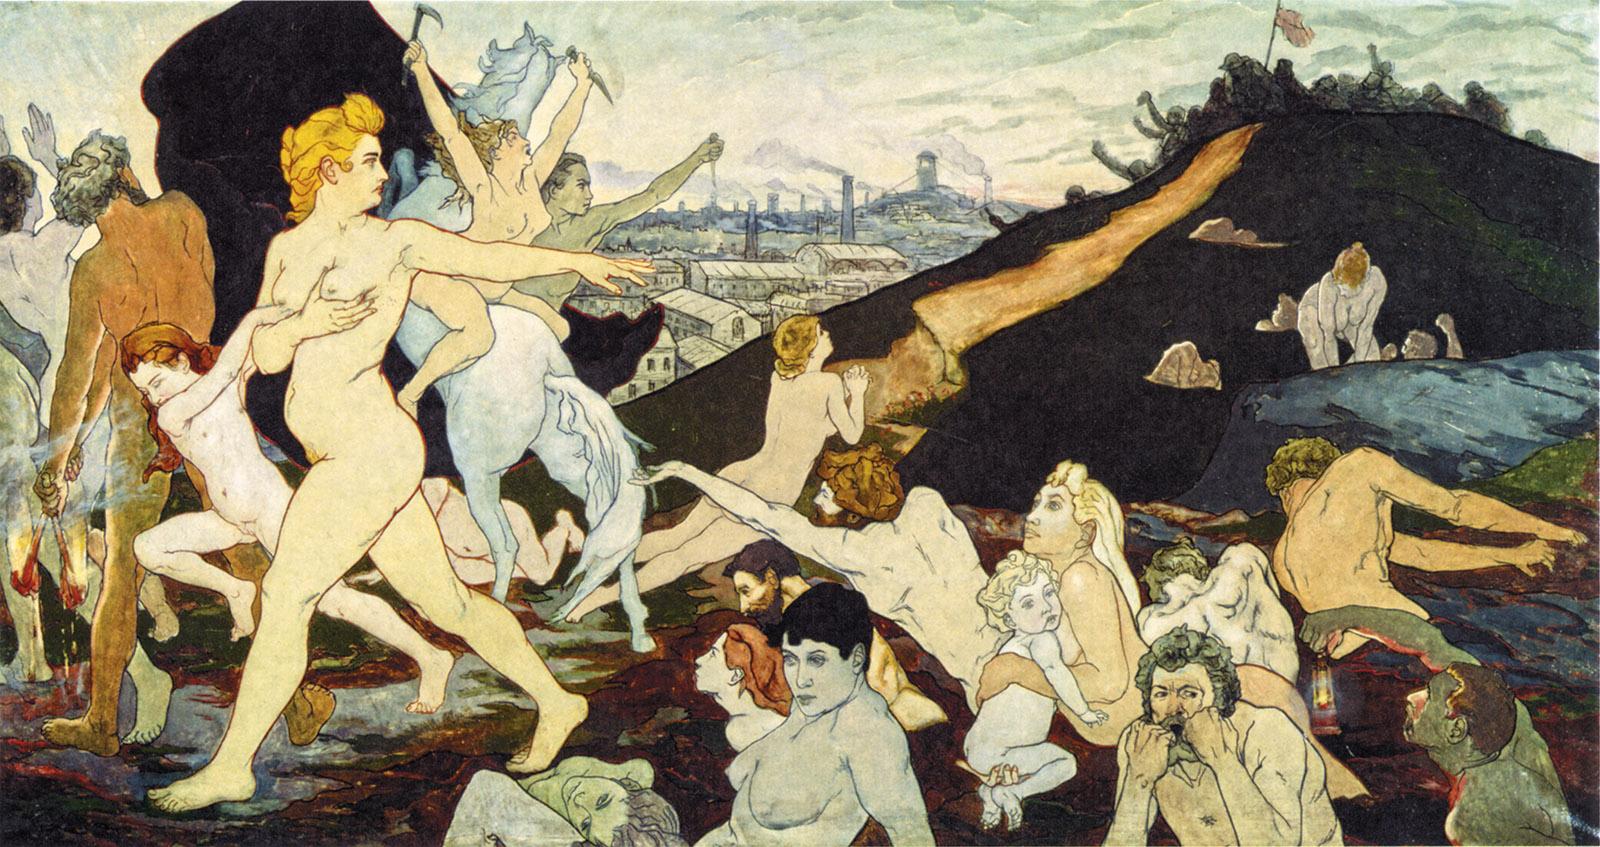 Charles Maurin - L'Aurore du Travail (The Dawn of Labor) (c.1891)